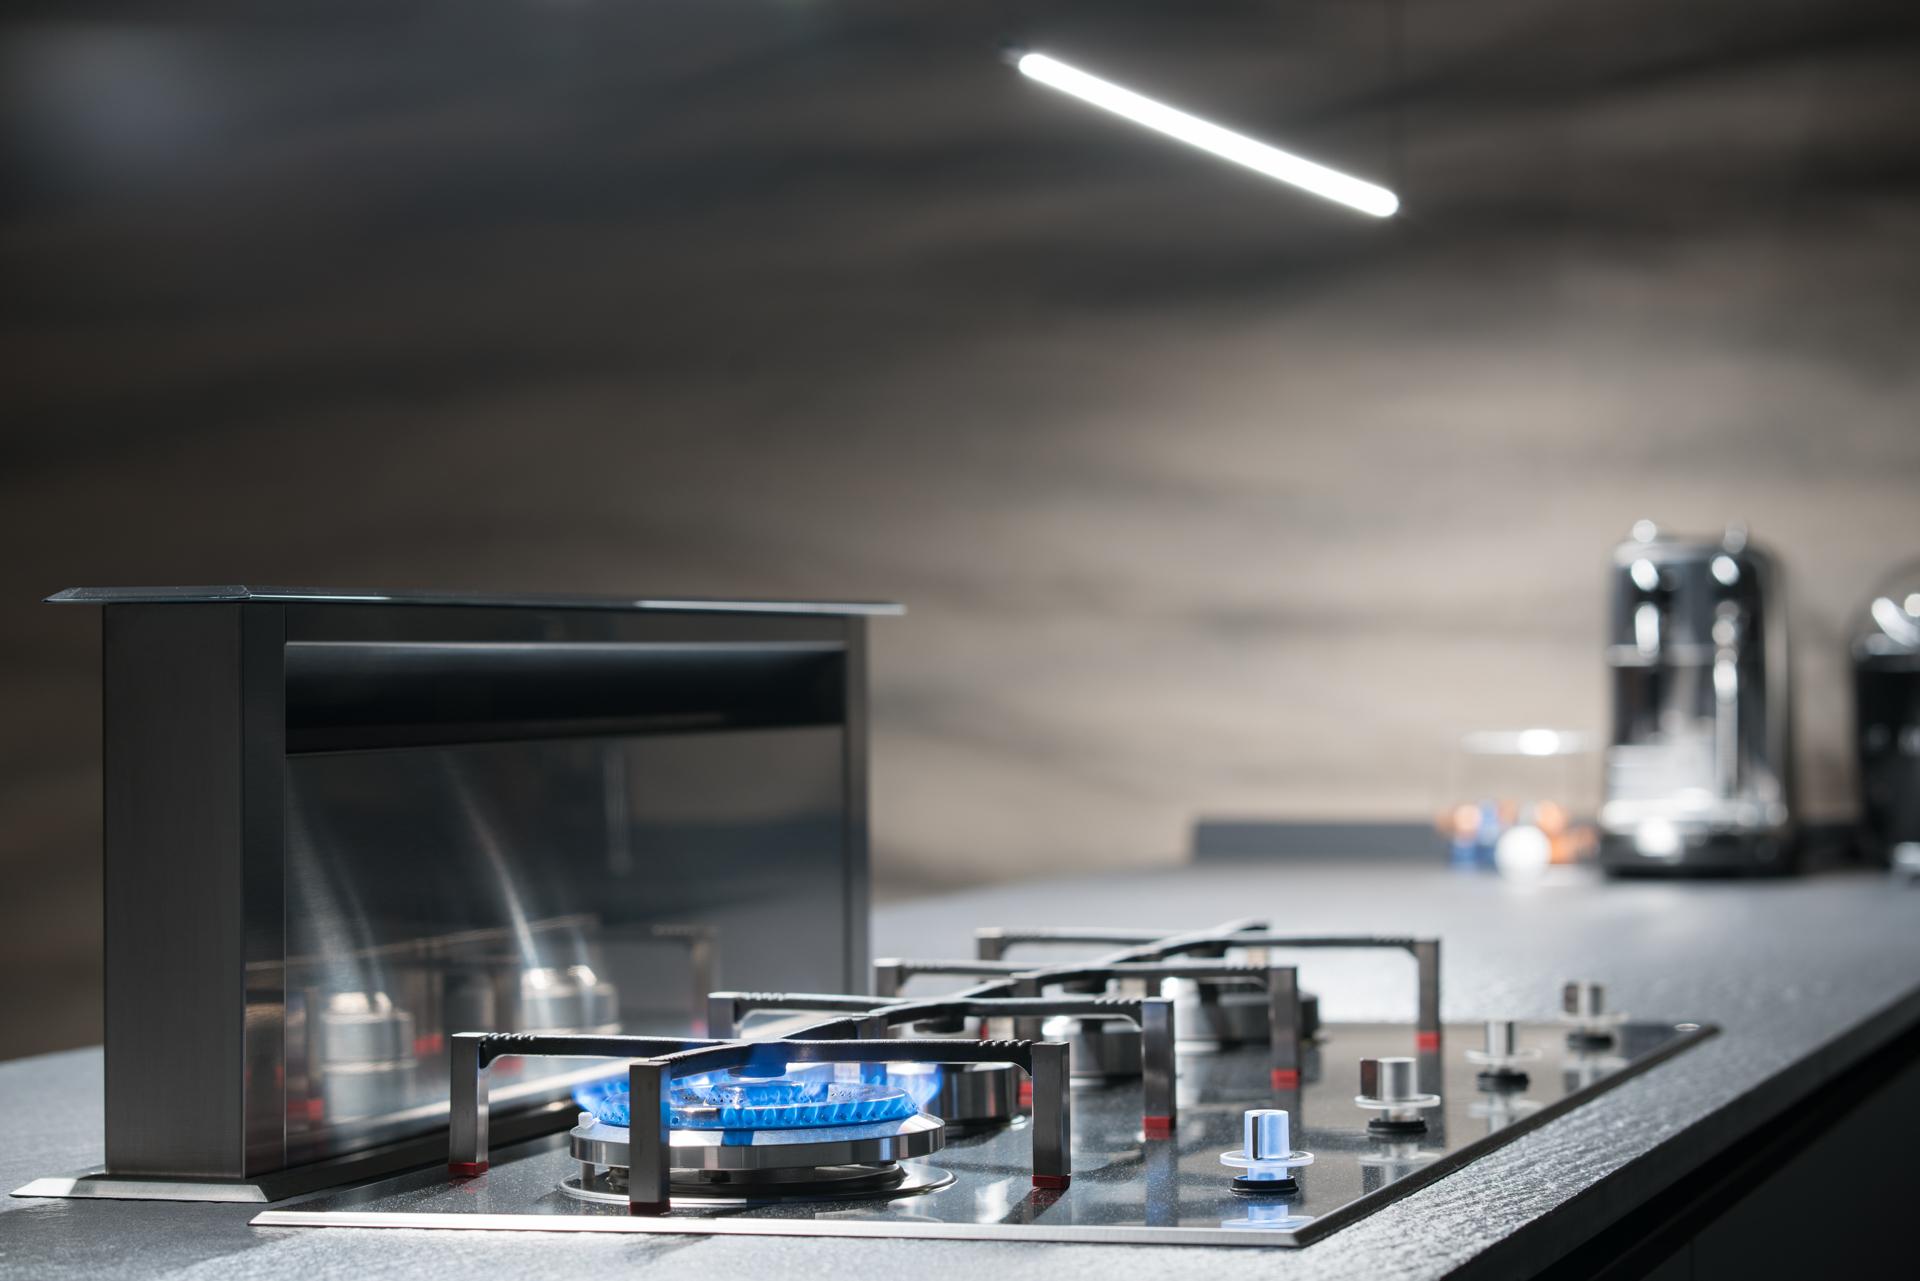 Интерьерный фотограф сфотографировал кухонную вытяжку